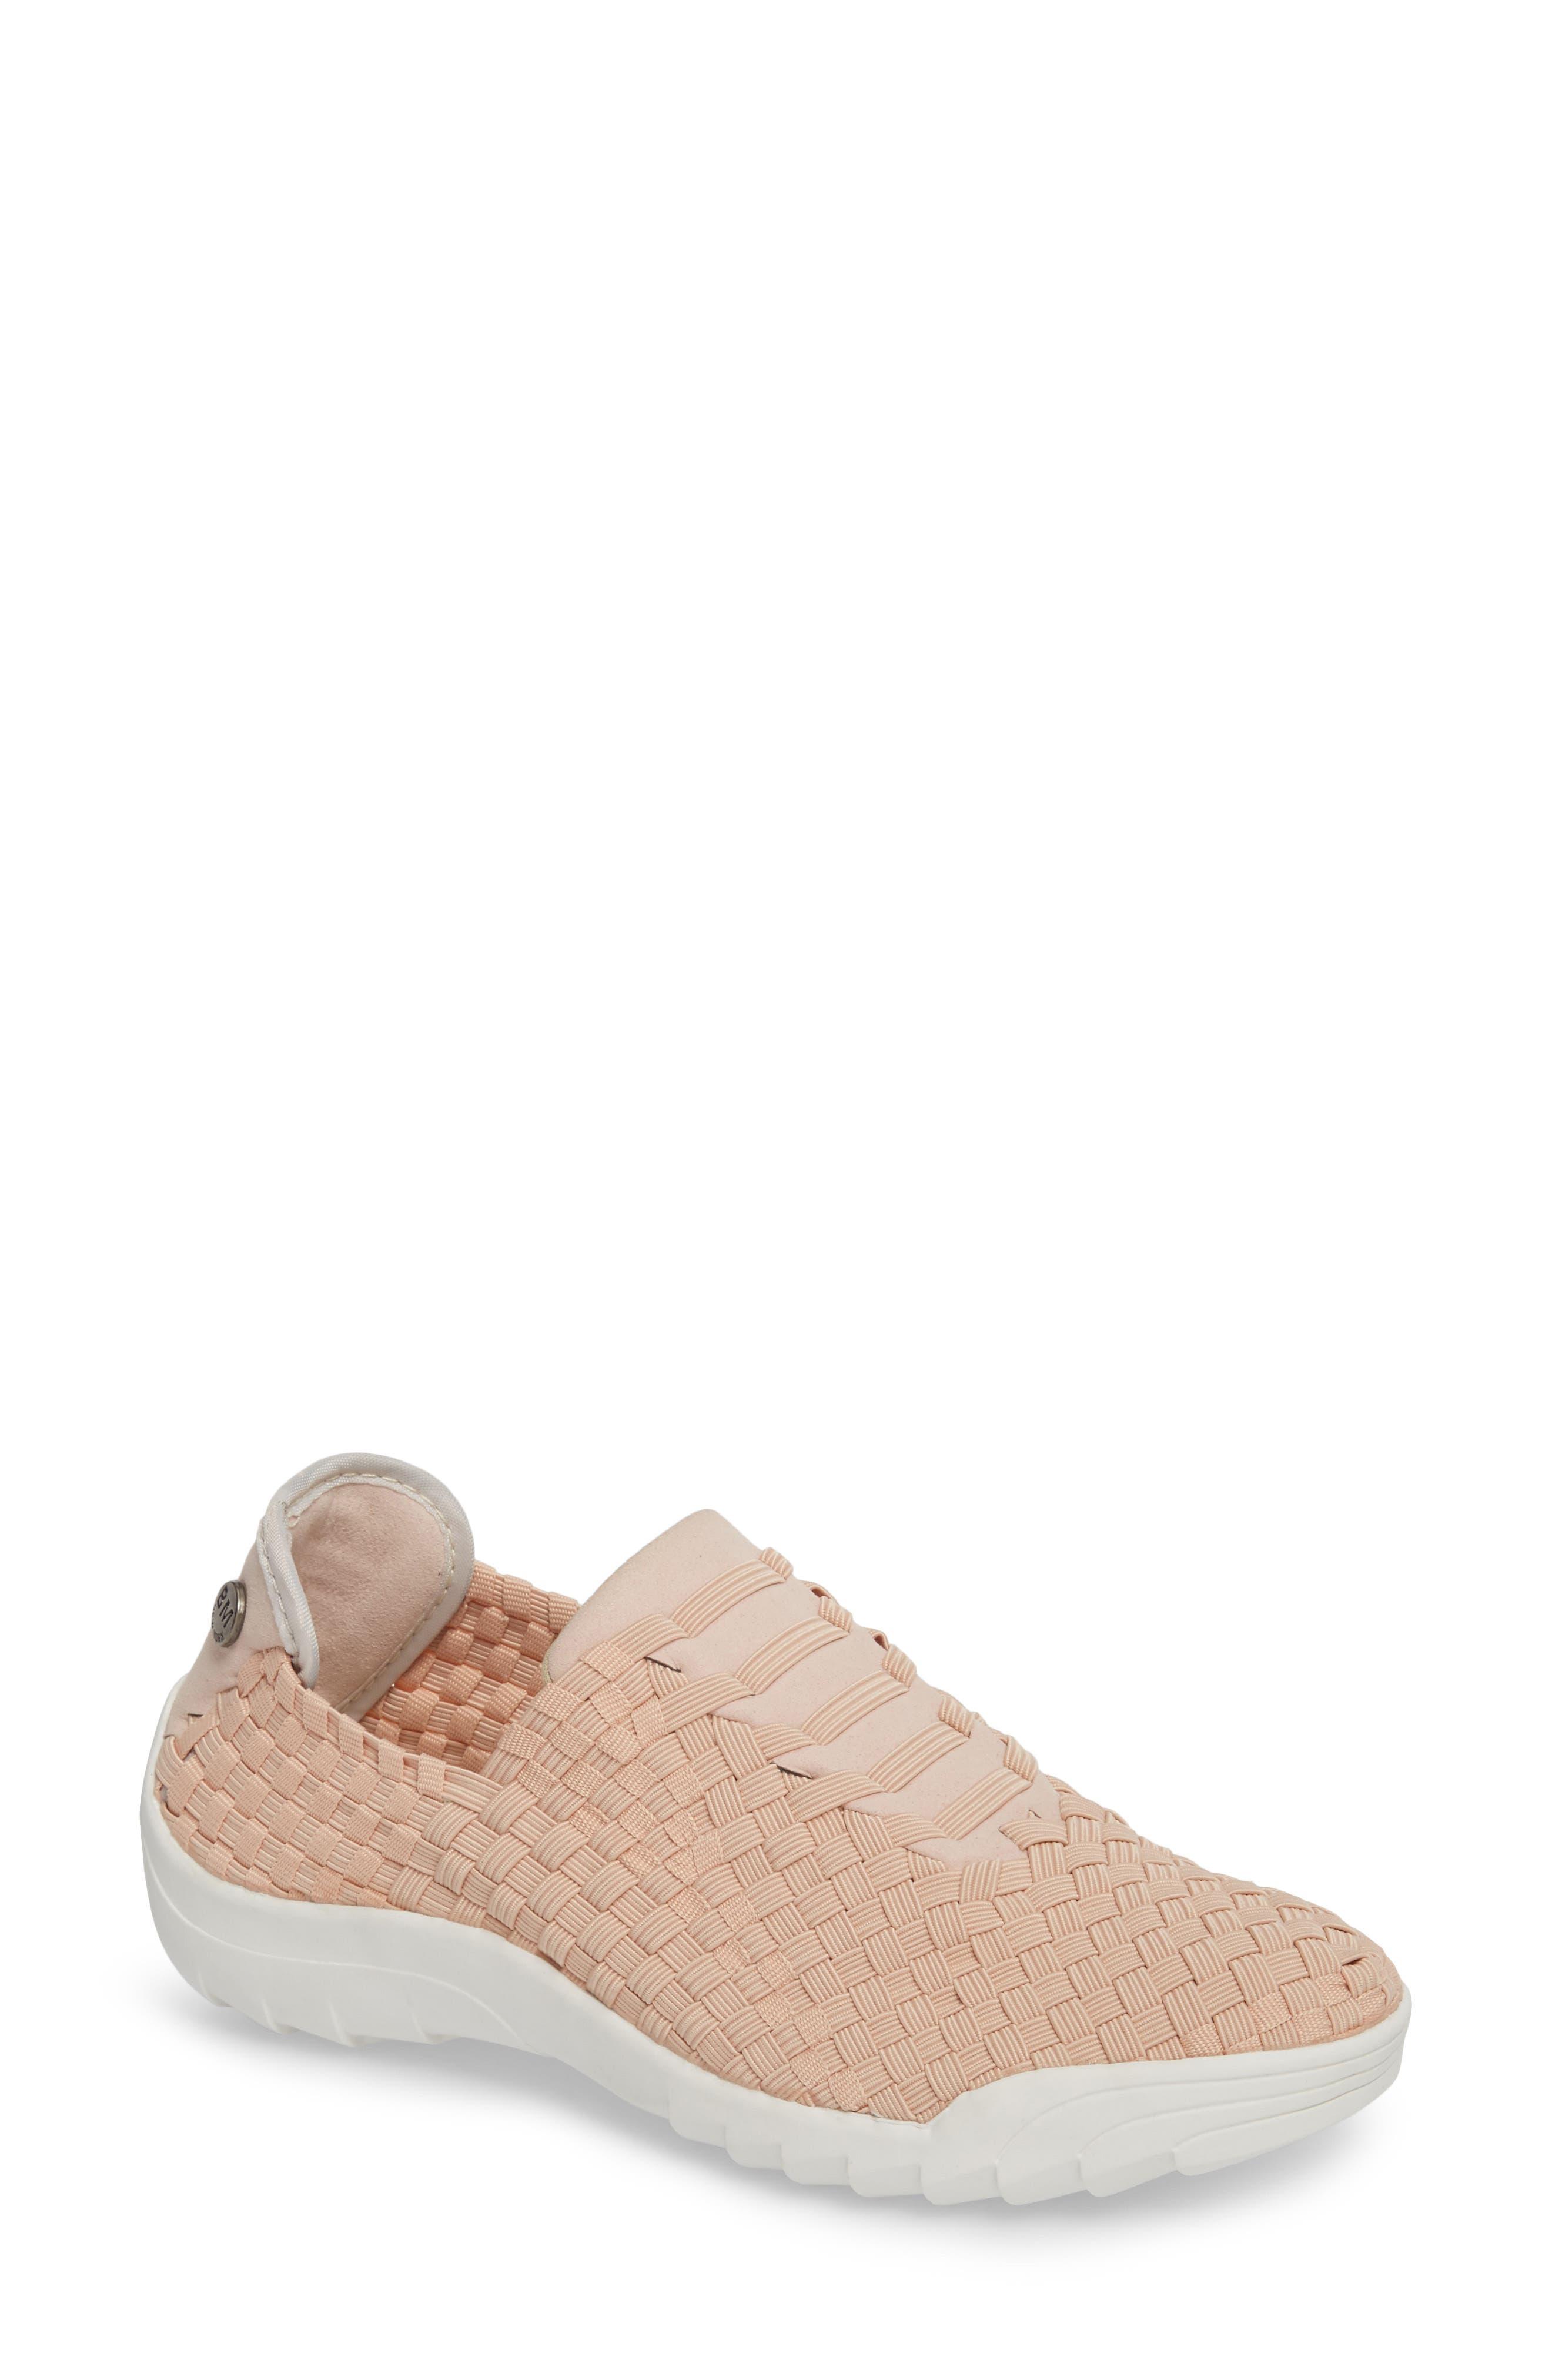 BERNIE MEV. Rigged Vivaldi Slip-On Sneaker, Main, color, BLUSH